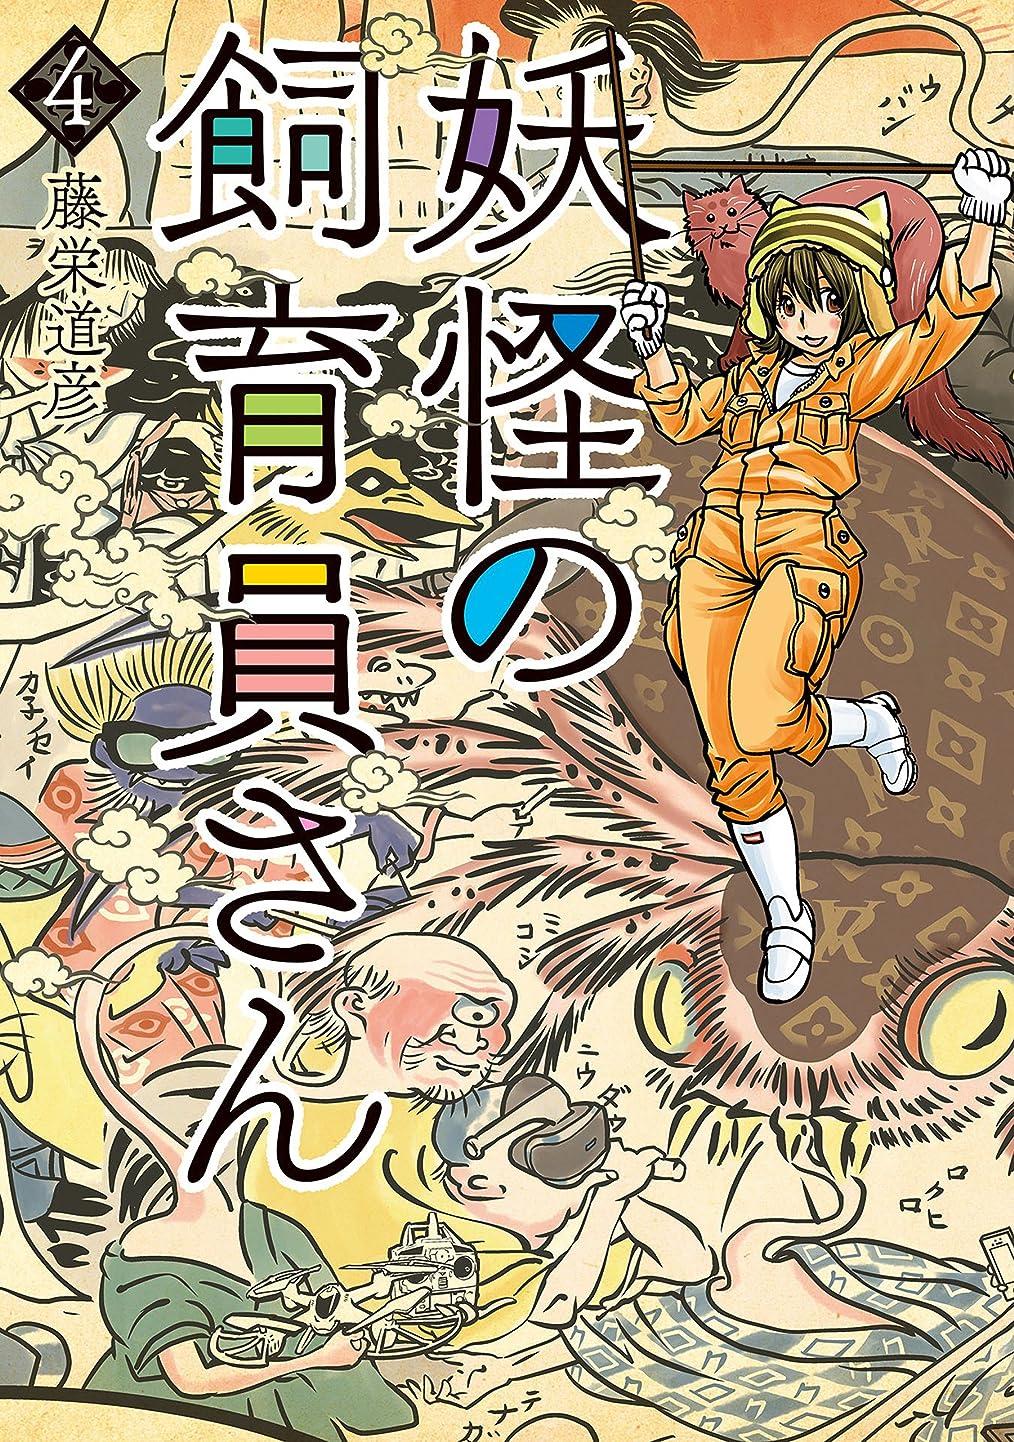 隔離ガード求める妖怪の飼育員さん 4巻 (バンチコミックス)